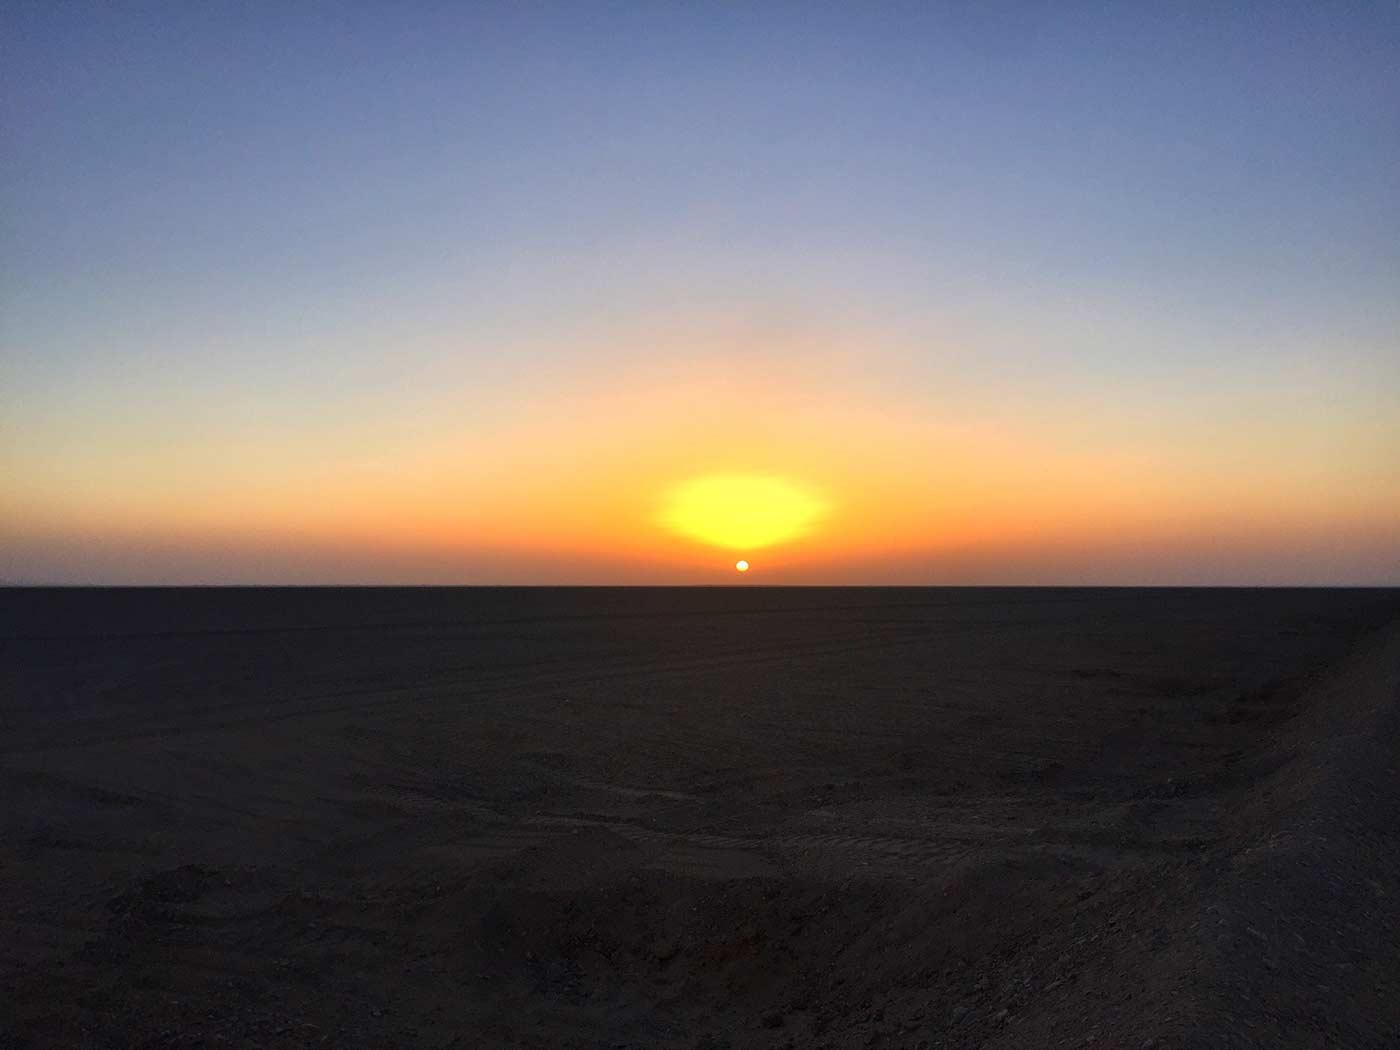 大漠落日圆